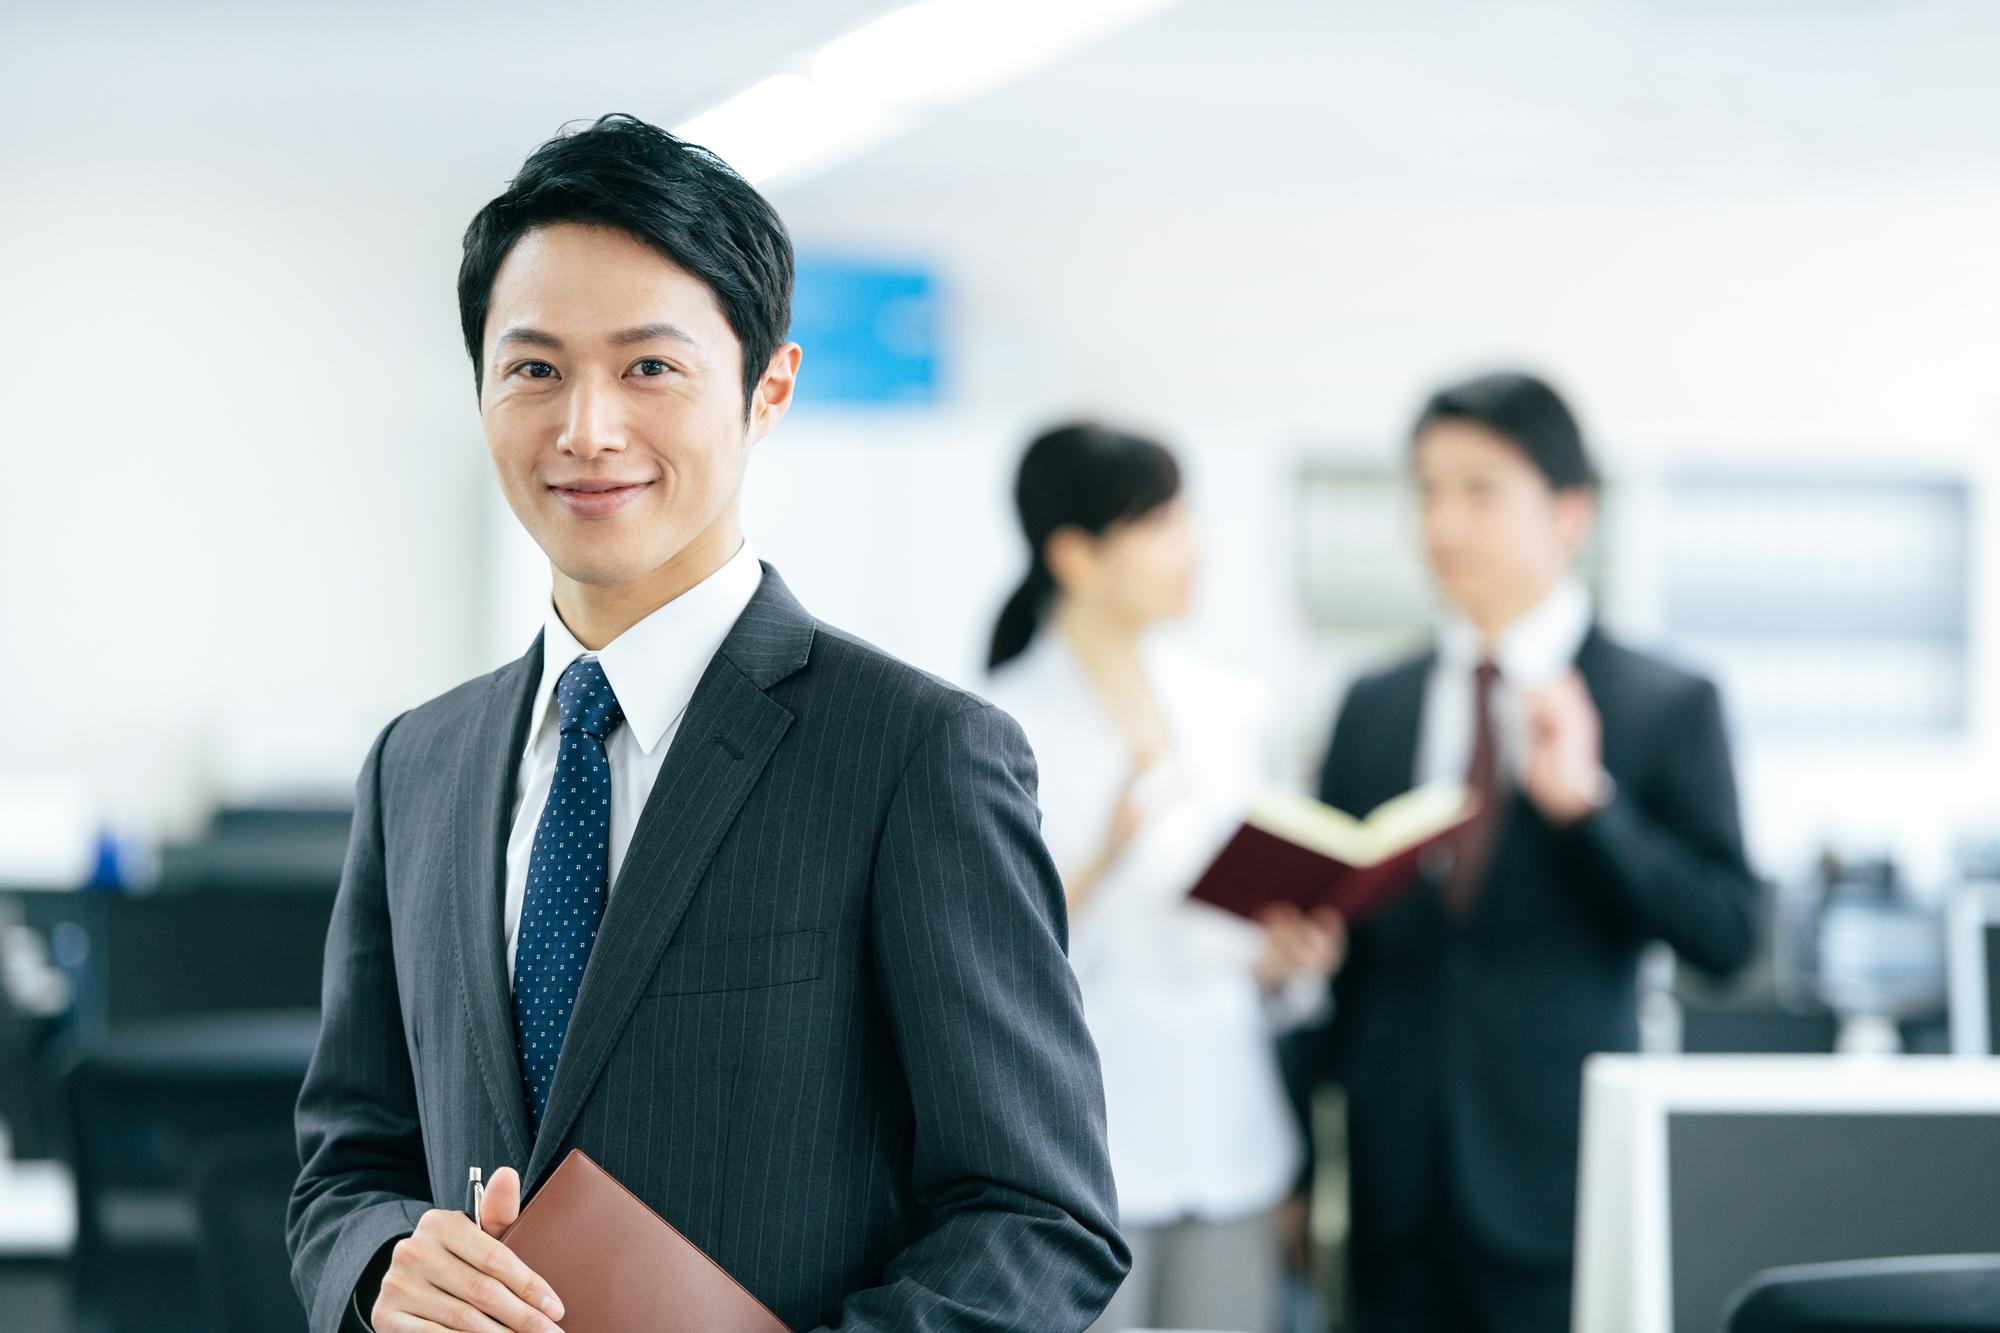 実績豊富な転職エージェント